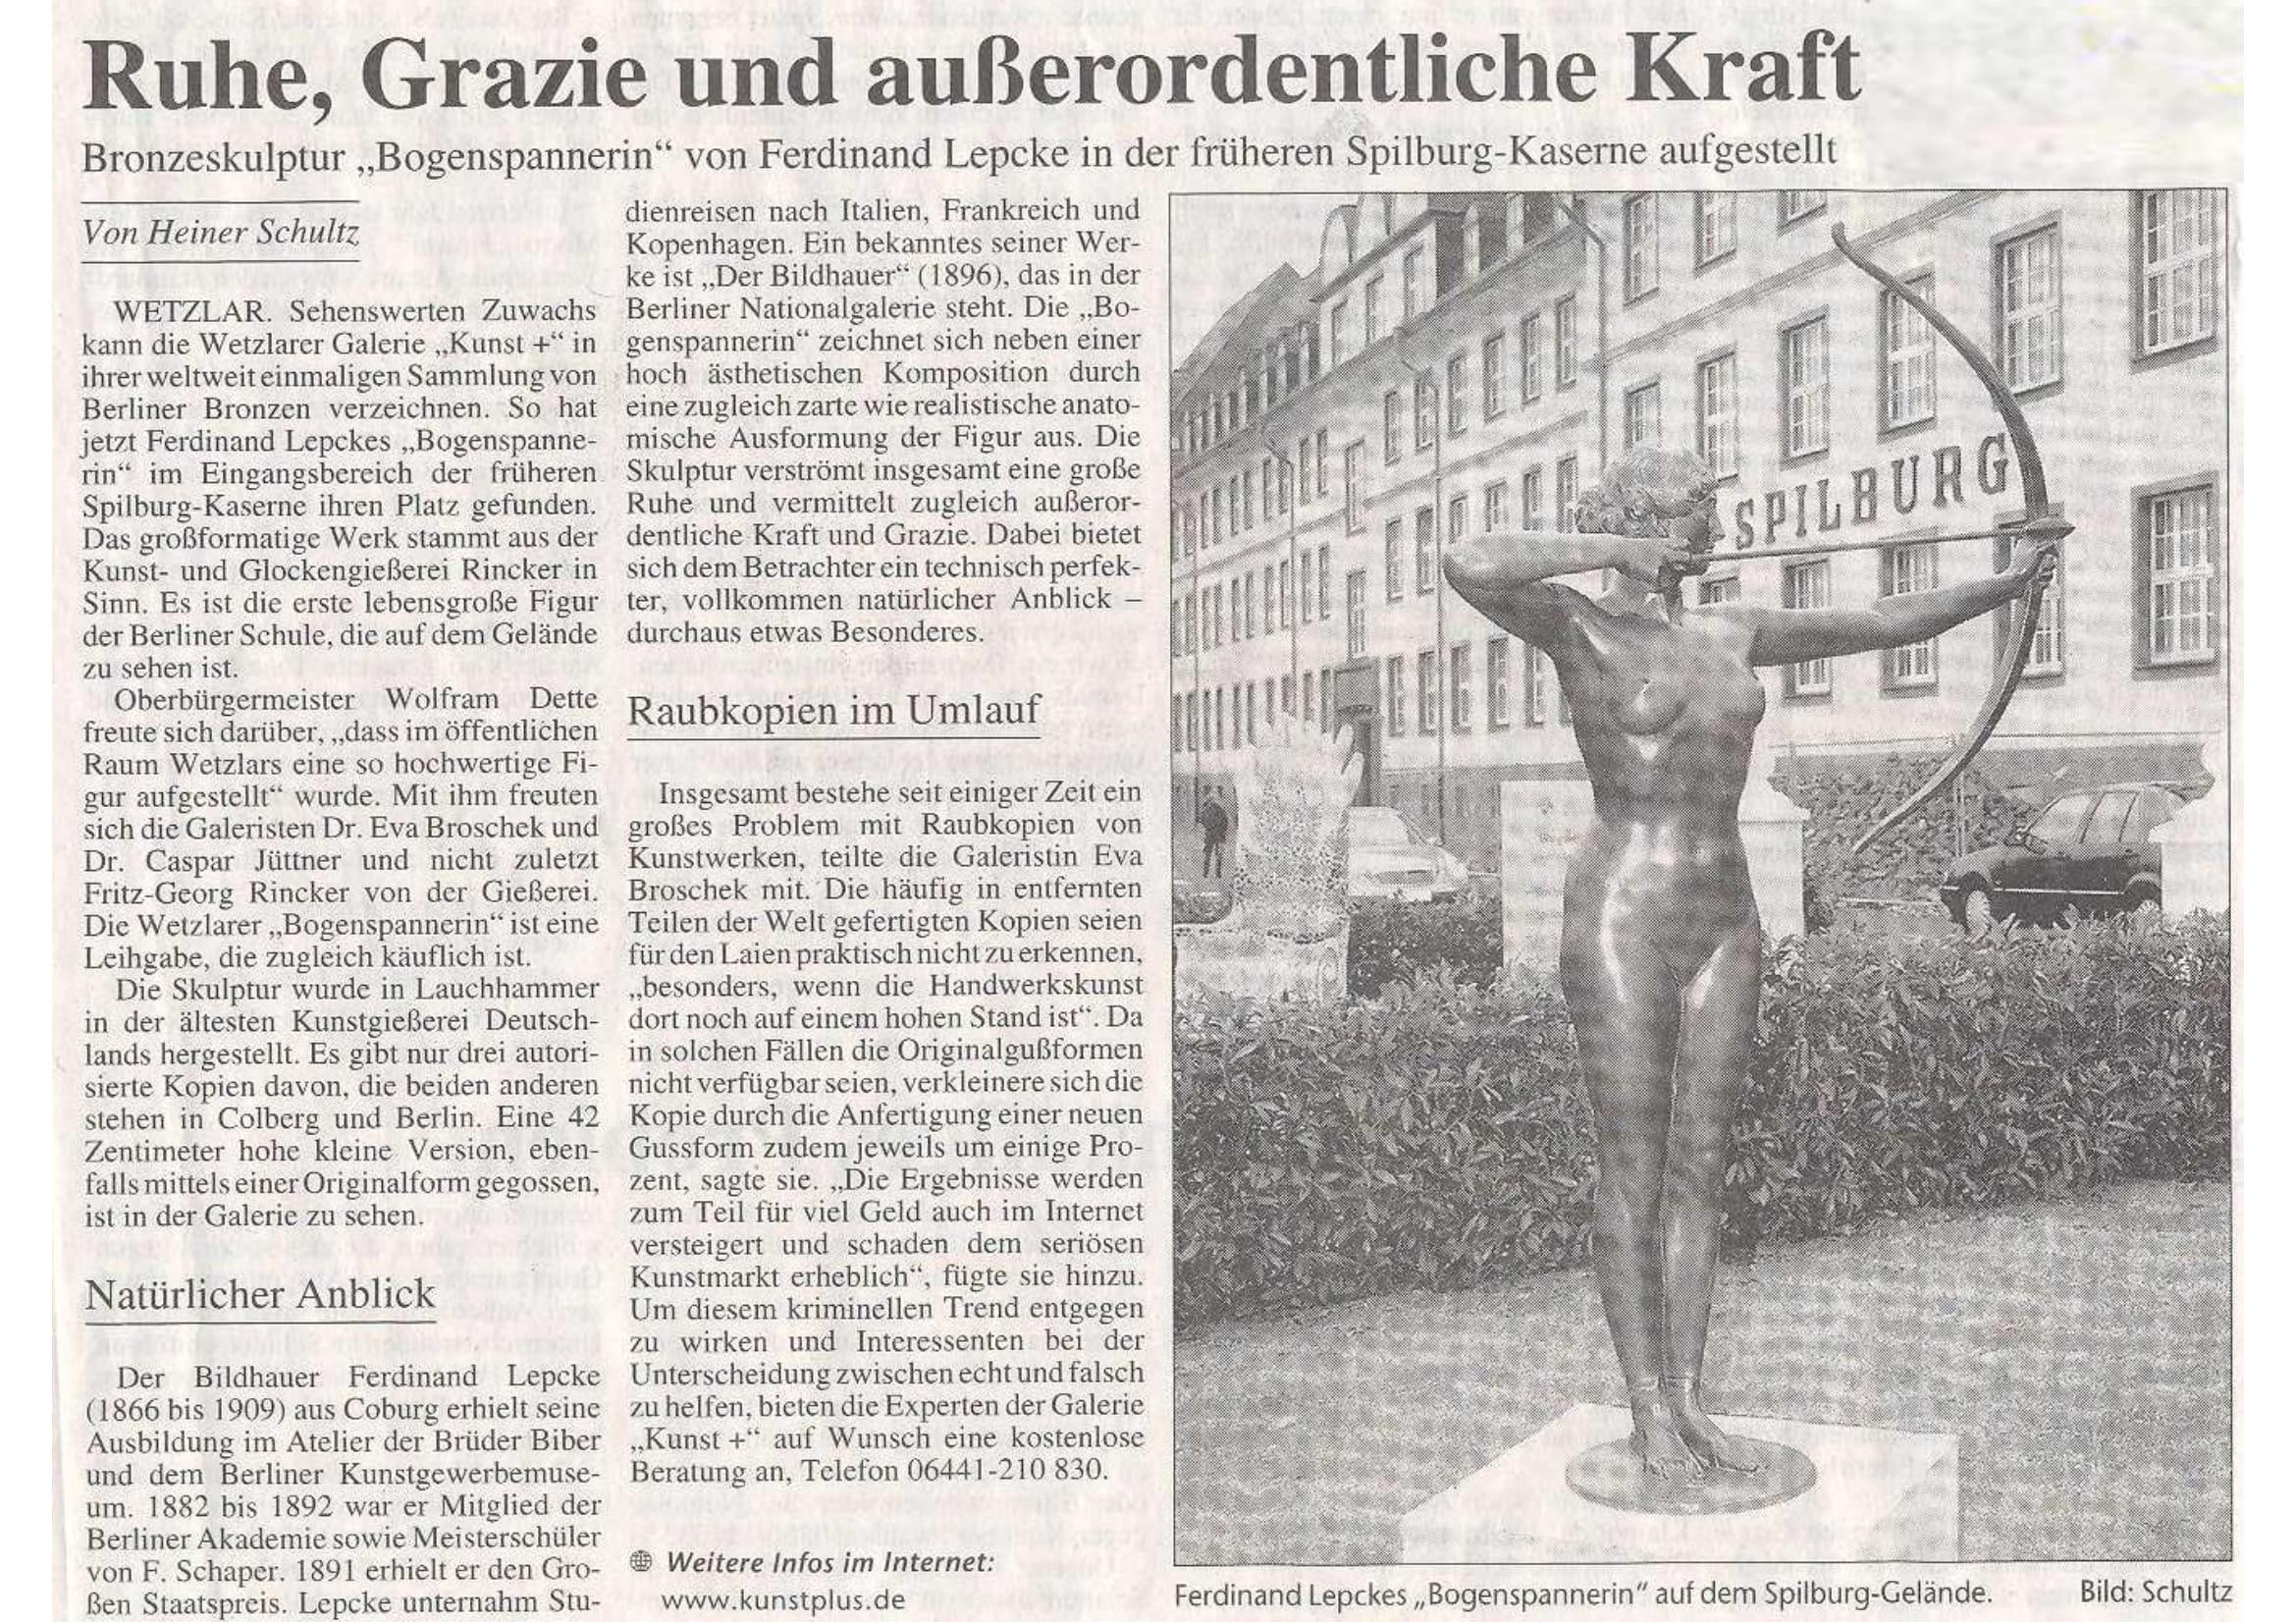 Gießener Anzeiger ZHTK 2006 Artikel